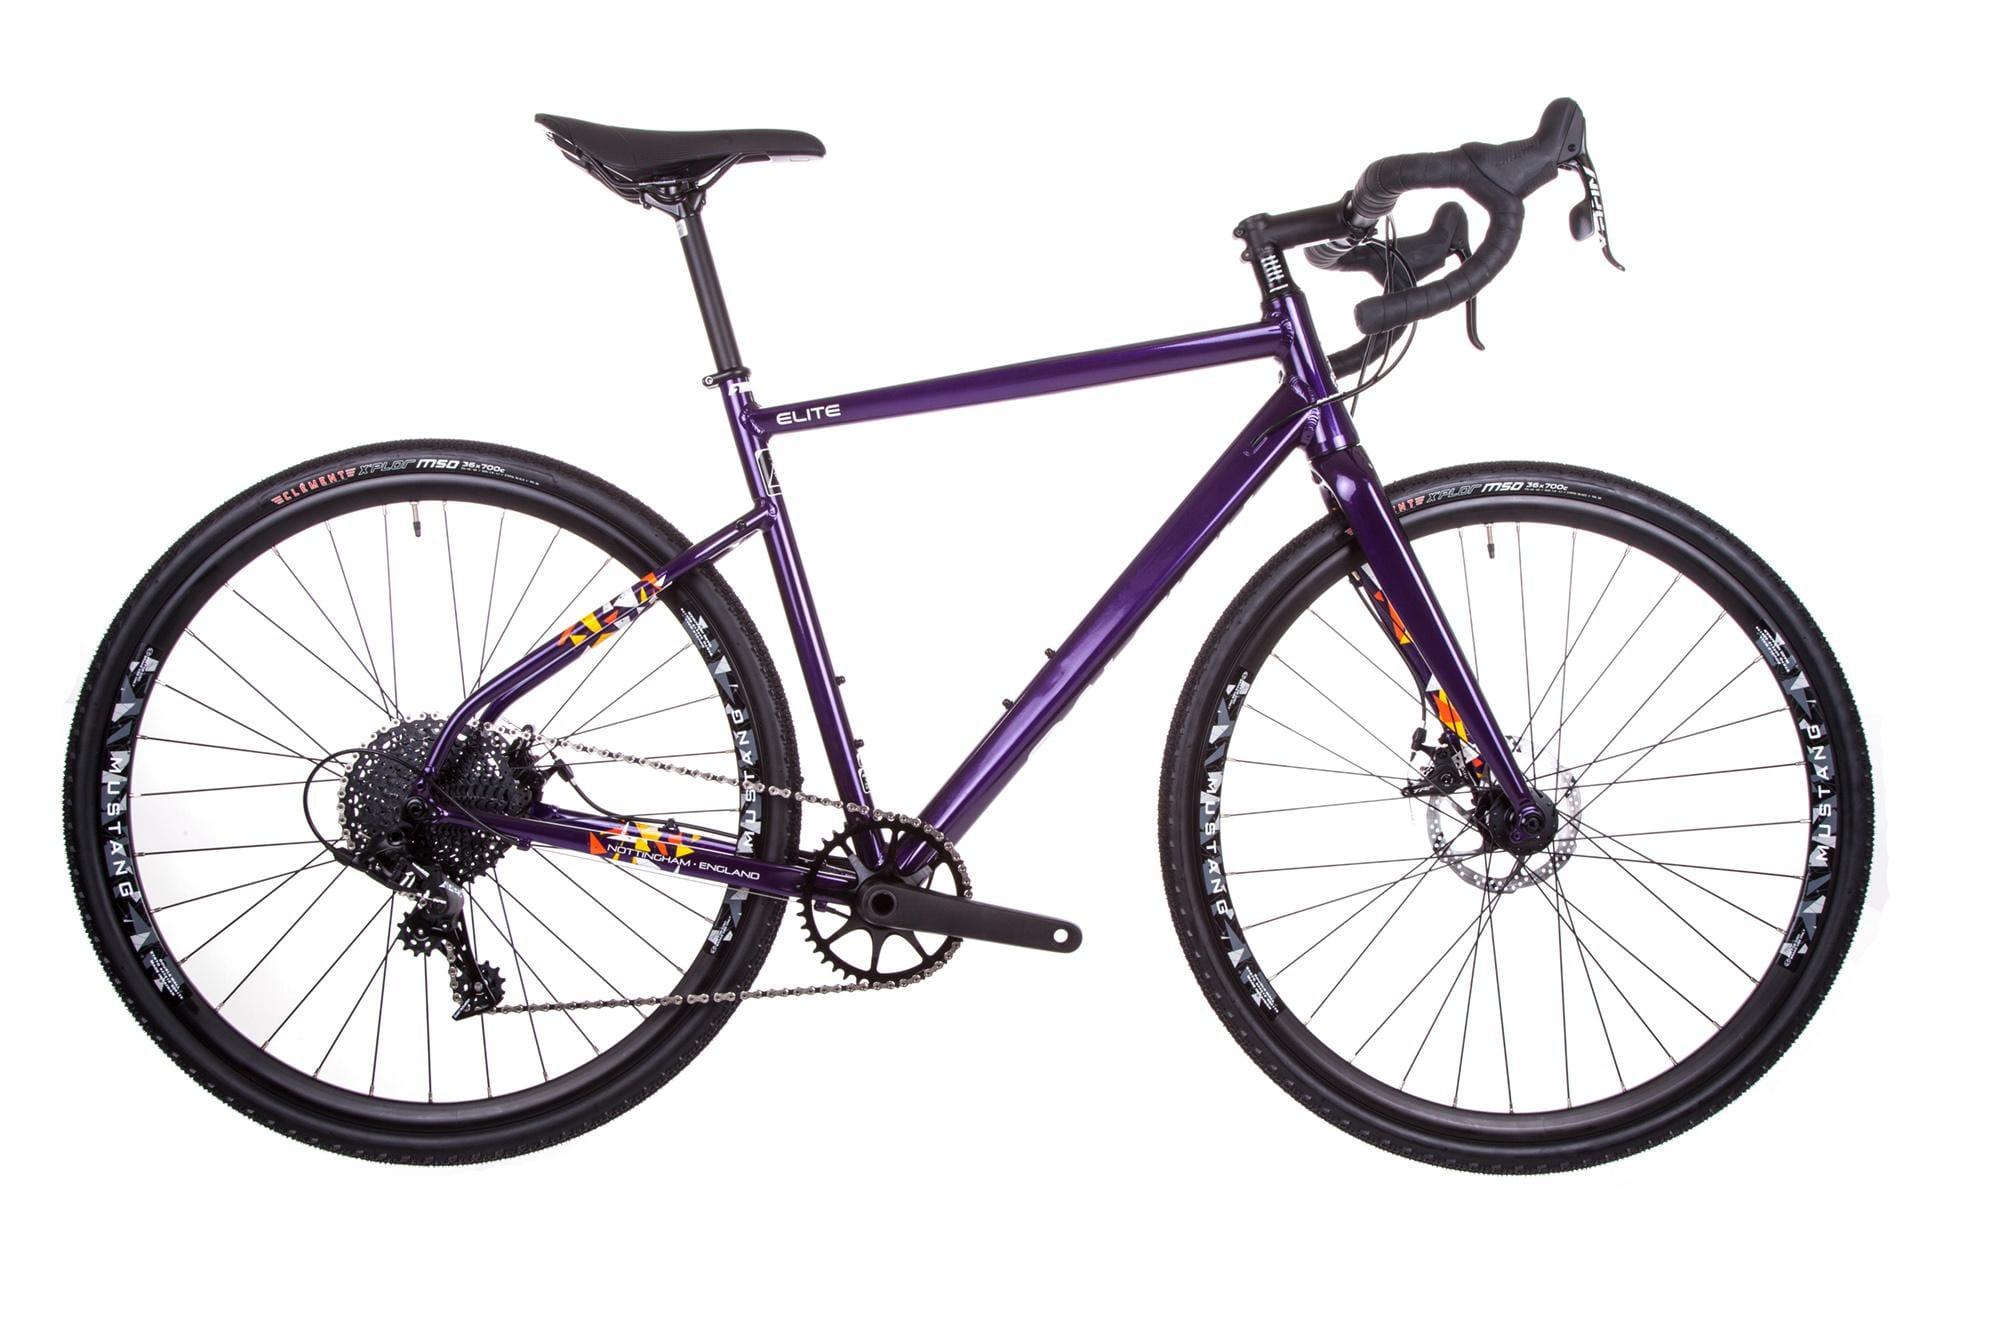 Raleigh Mustang Elite Road Bike 2018 All Terrain Cycles